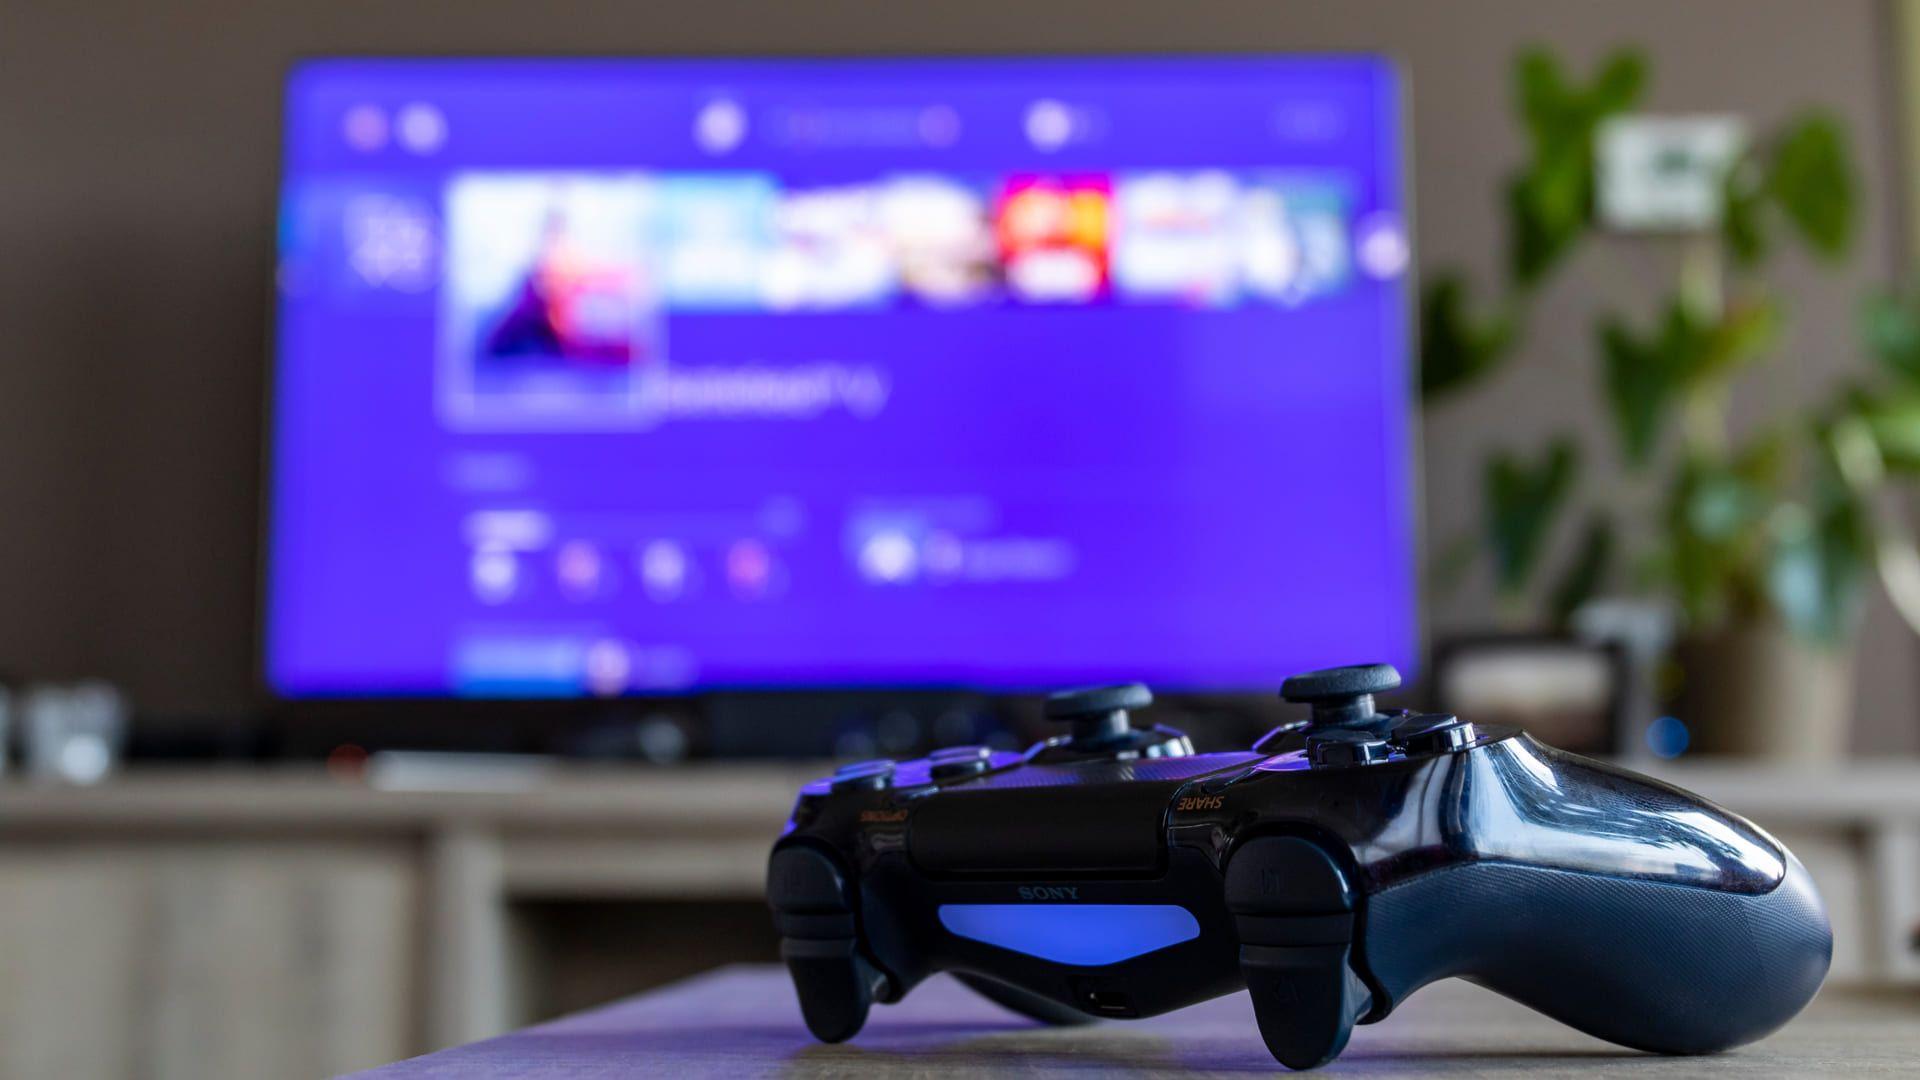 Confira nossa lista e encontre a melhor TV para Games! (Imagem: Reprodução/Shutterstock)